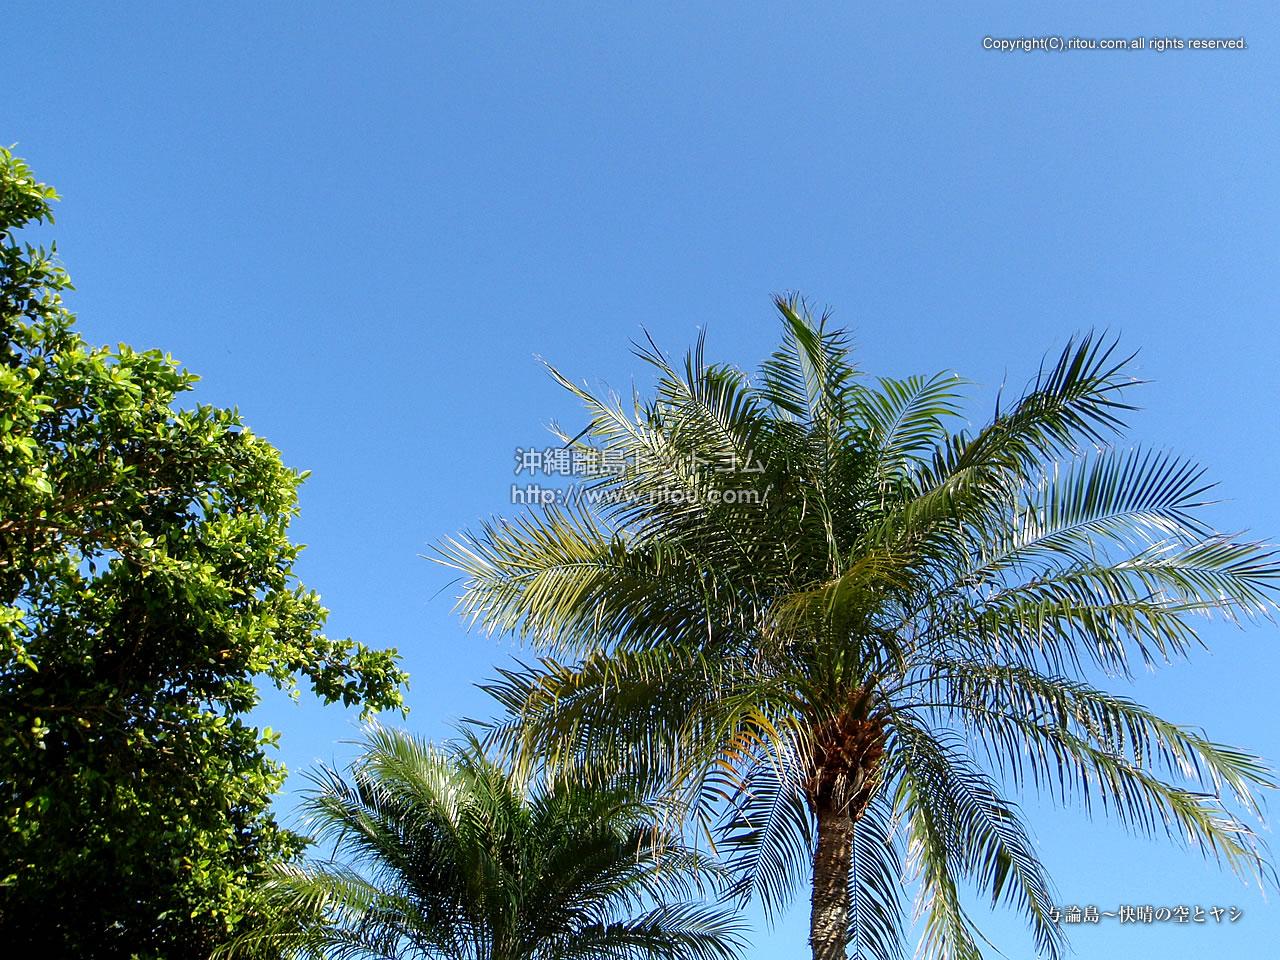 与論島〜快晴の空とヤシ